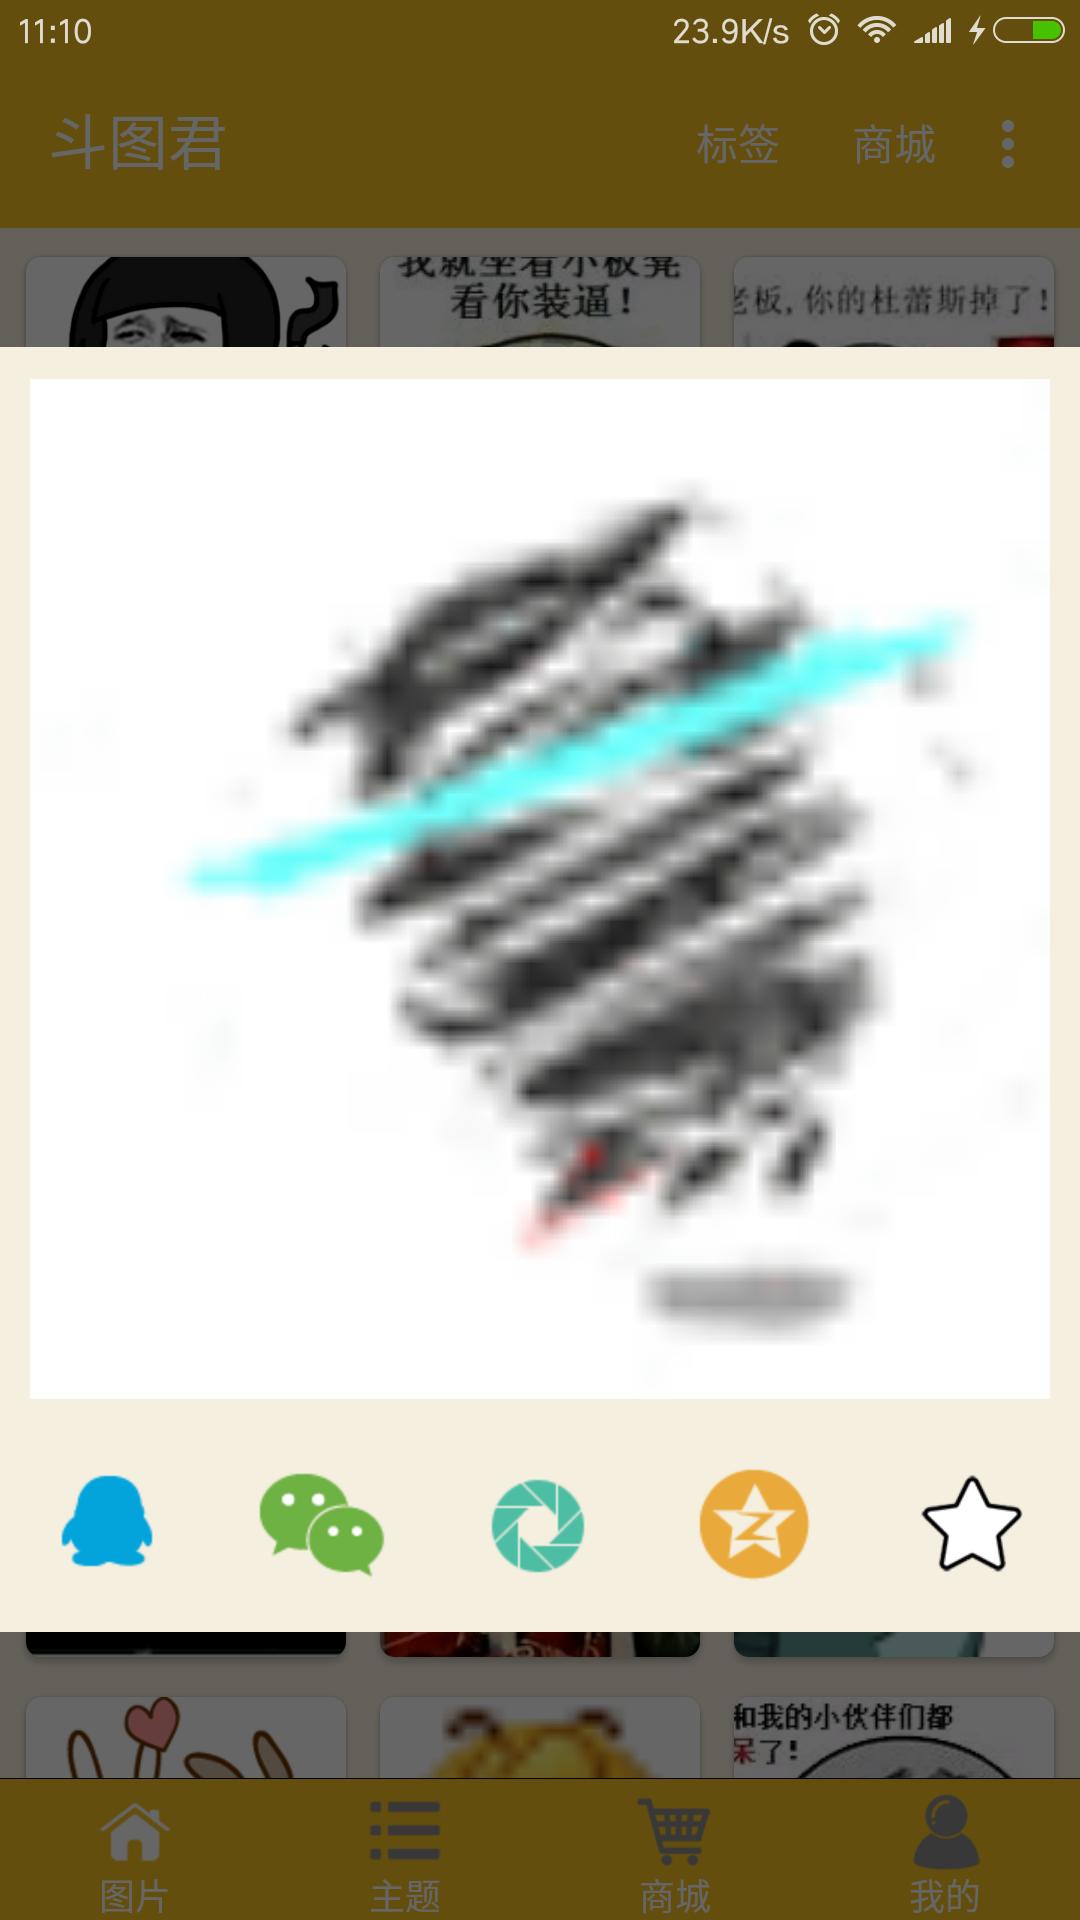 斗图君软件截图1